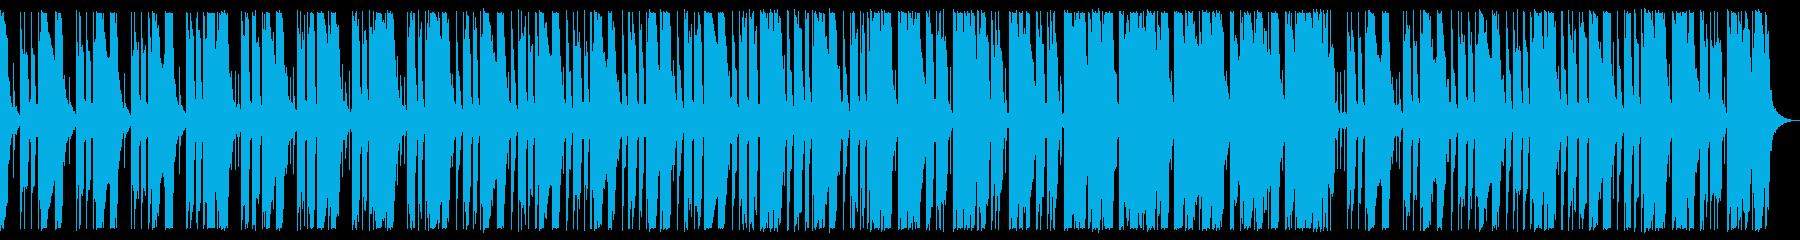 ダークなベース、ドラム、シンセBGMの再生済みの波形